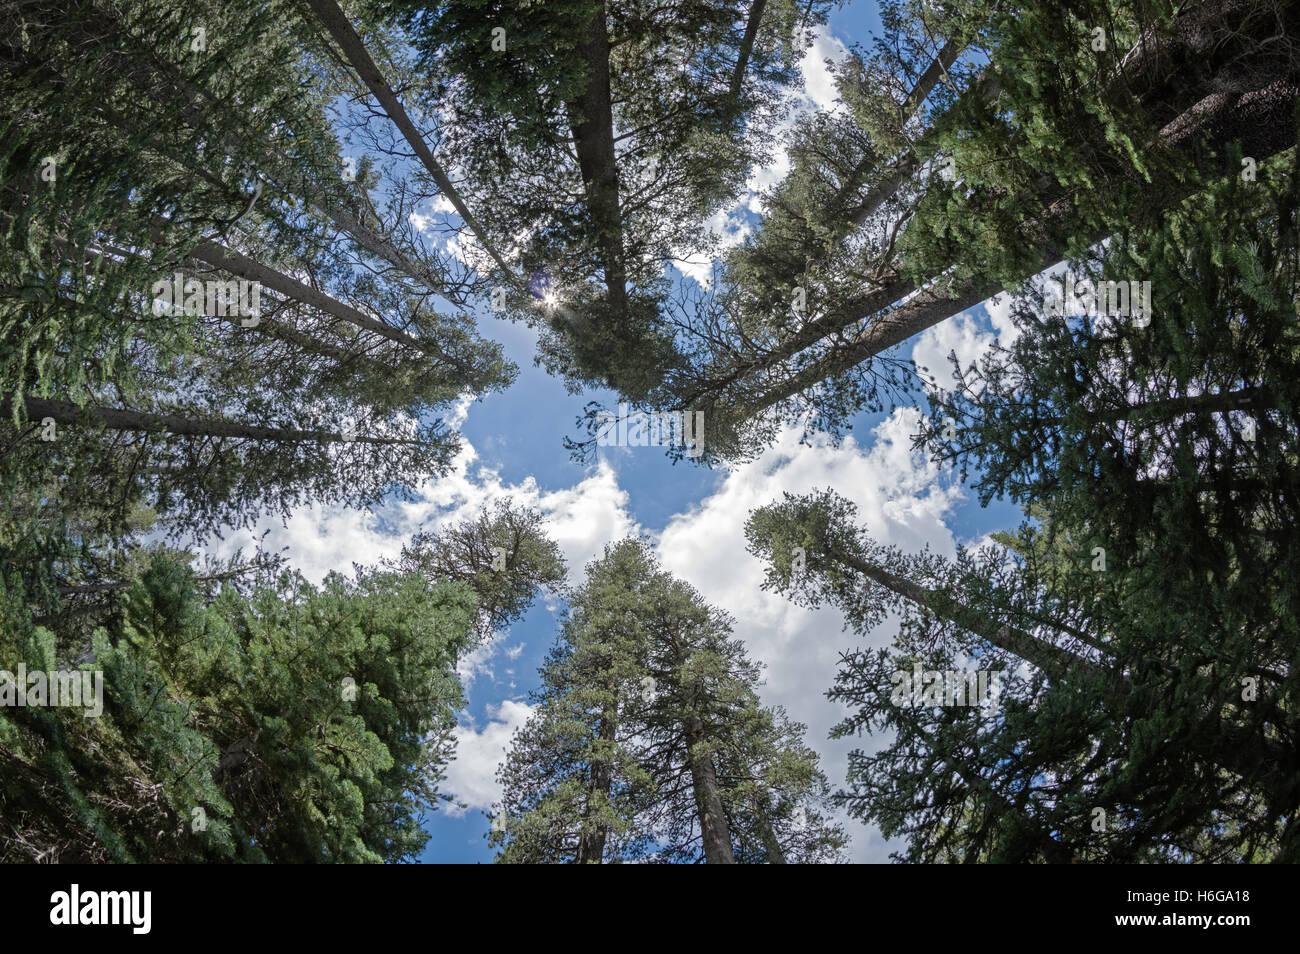 nach oben in den Baumkronen eines Pinienwaldes in Yosemite Nationalpark, Kalifornien Stockbild